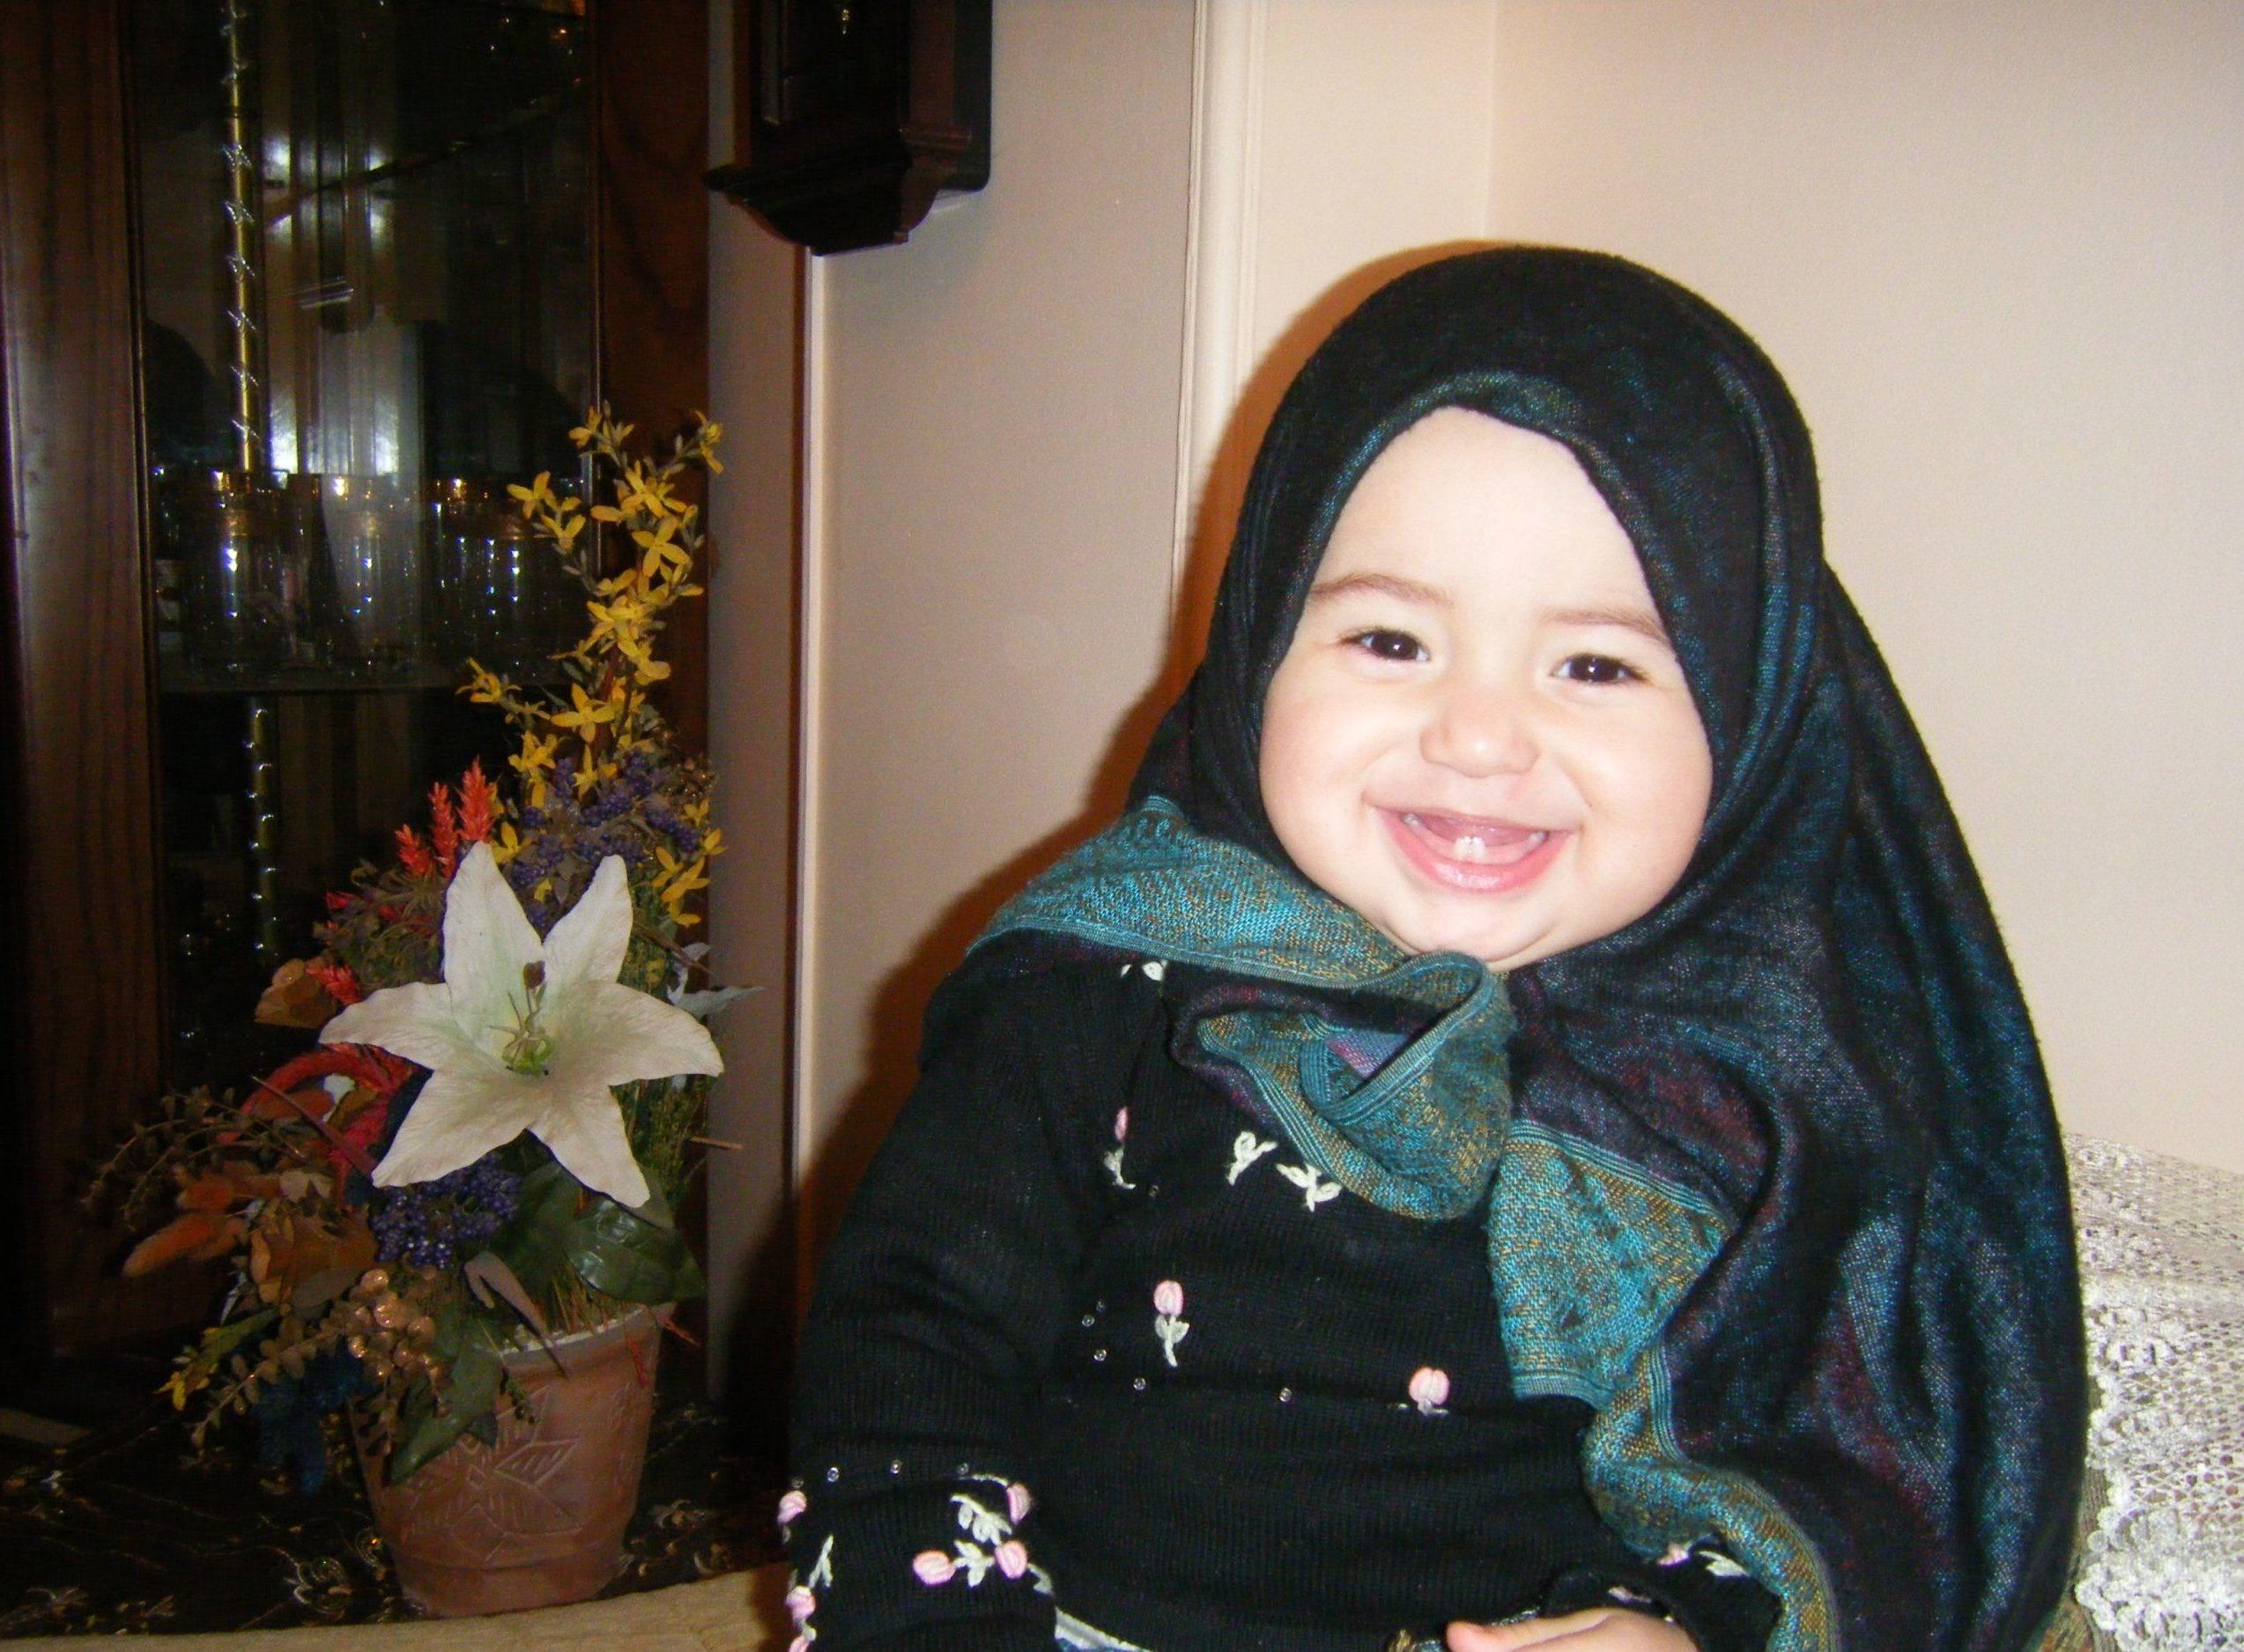 صورة بنت صغيرة بالحجاب فرحانة.